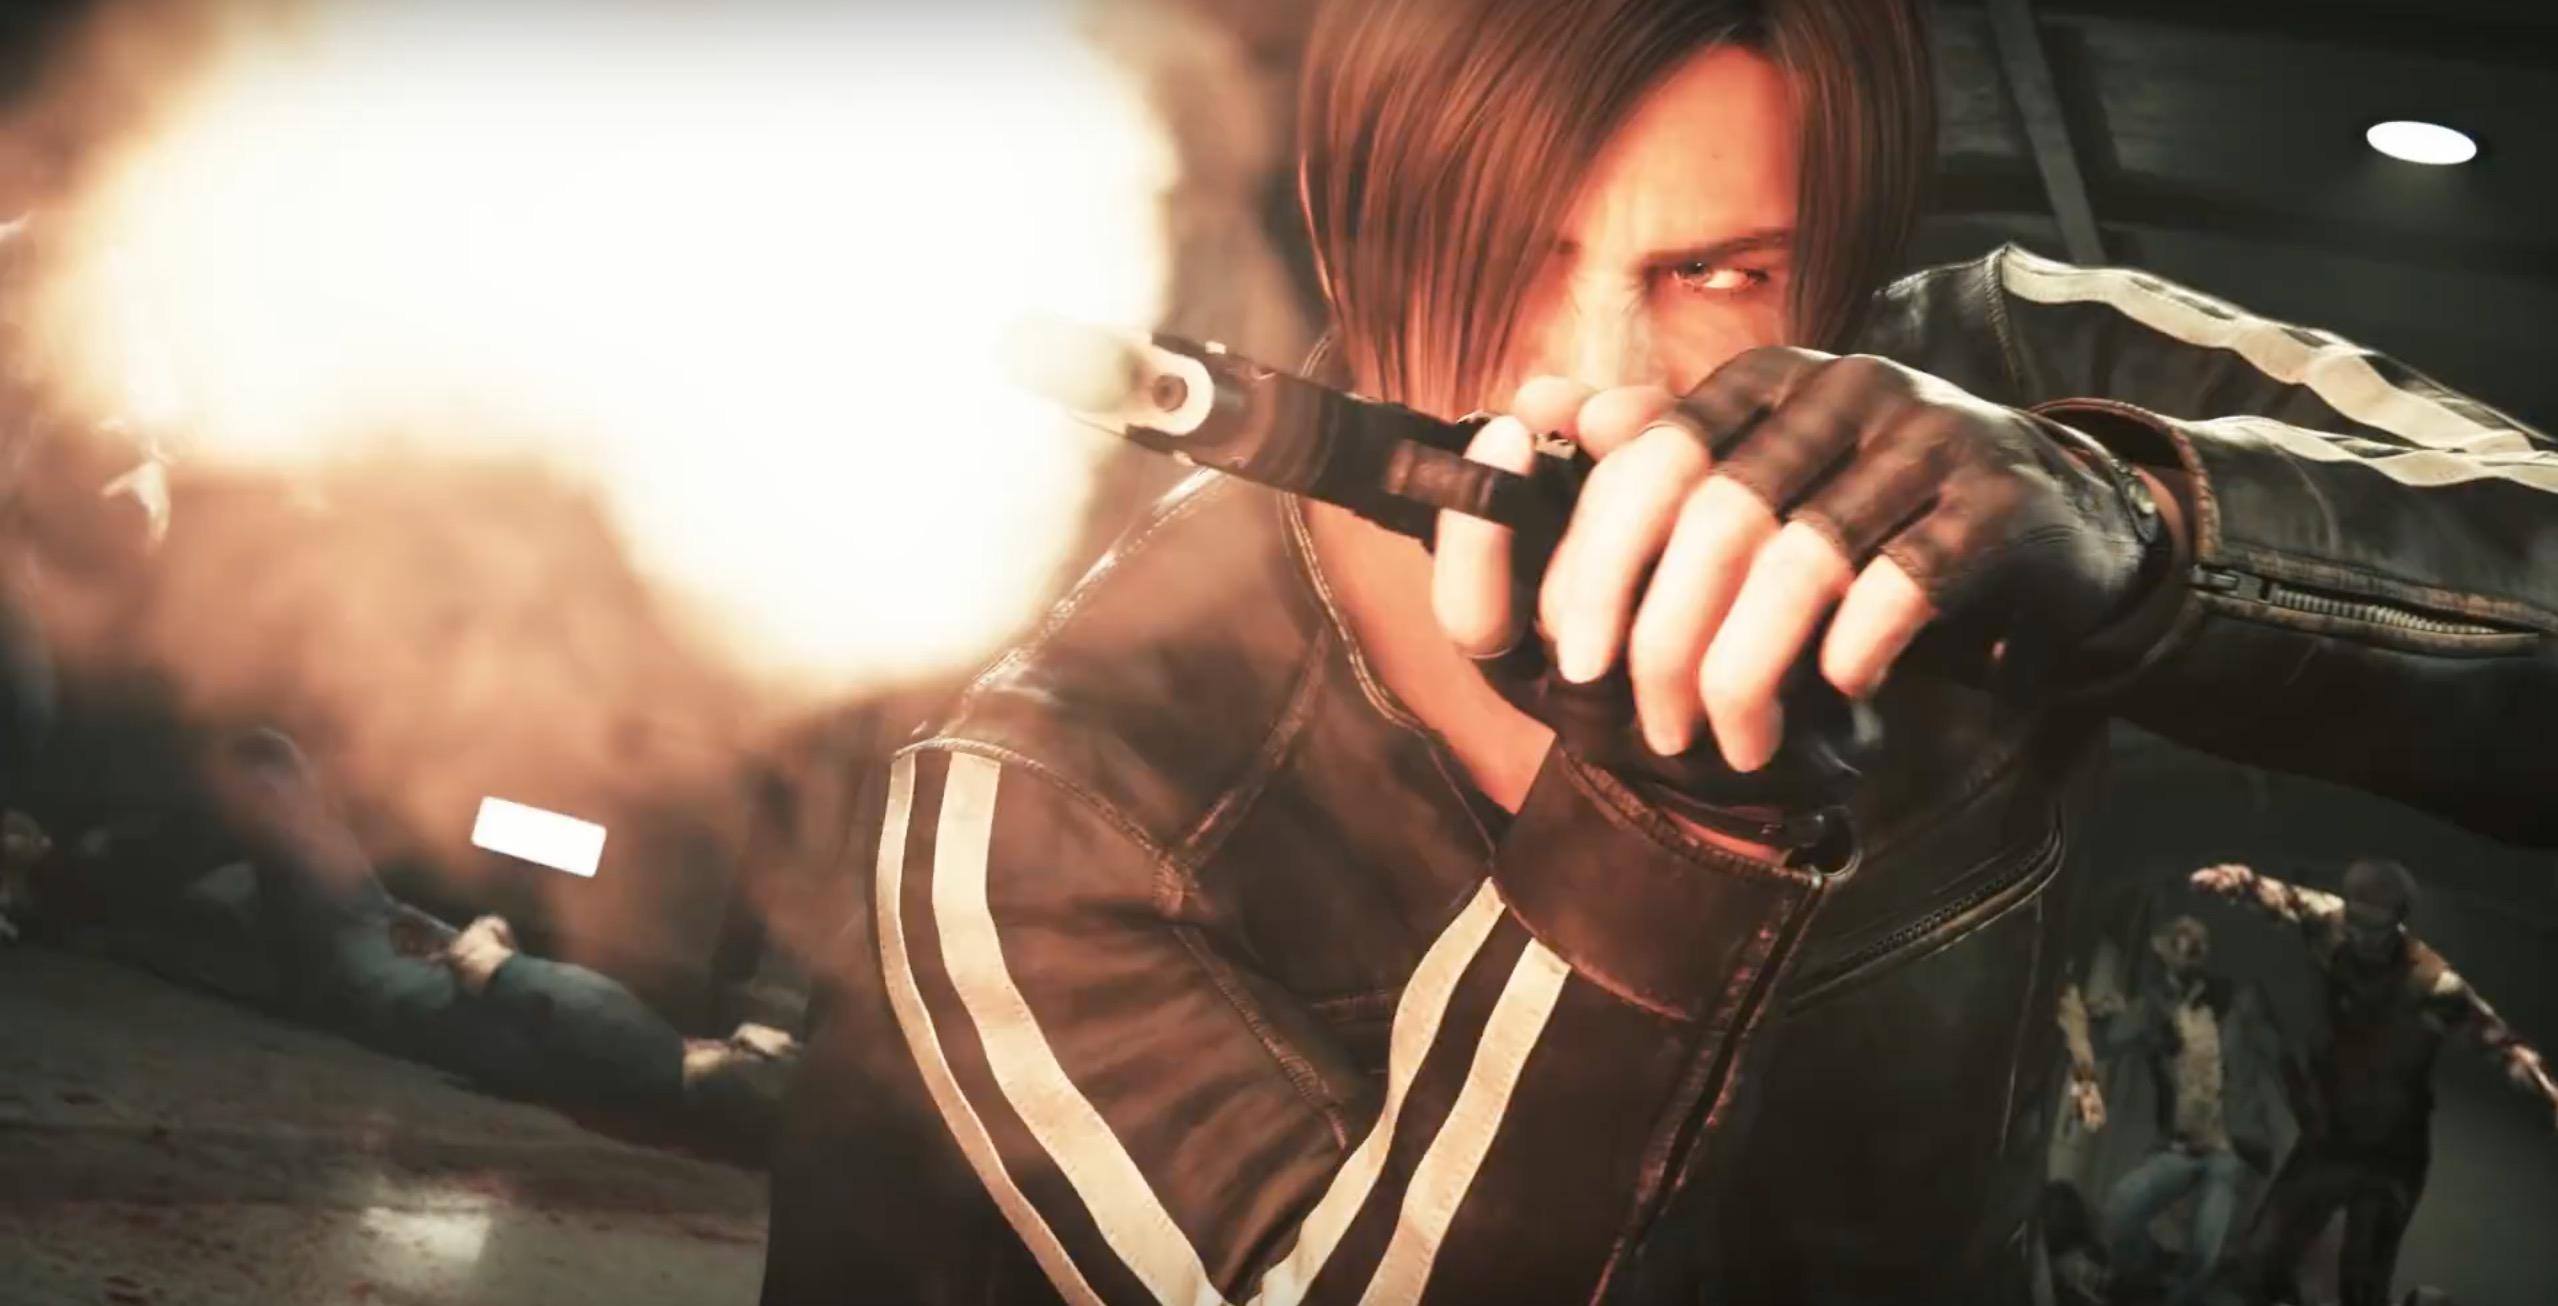 Zwiastun pełnometrażowej animacji Resident Evil Vendetta jest zdumiewająco straszny